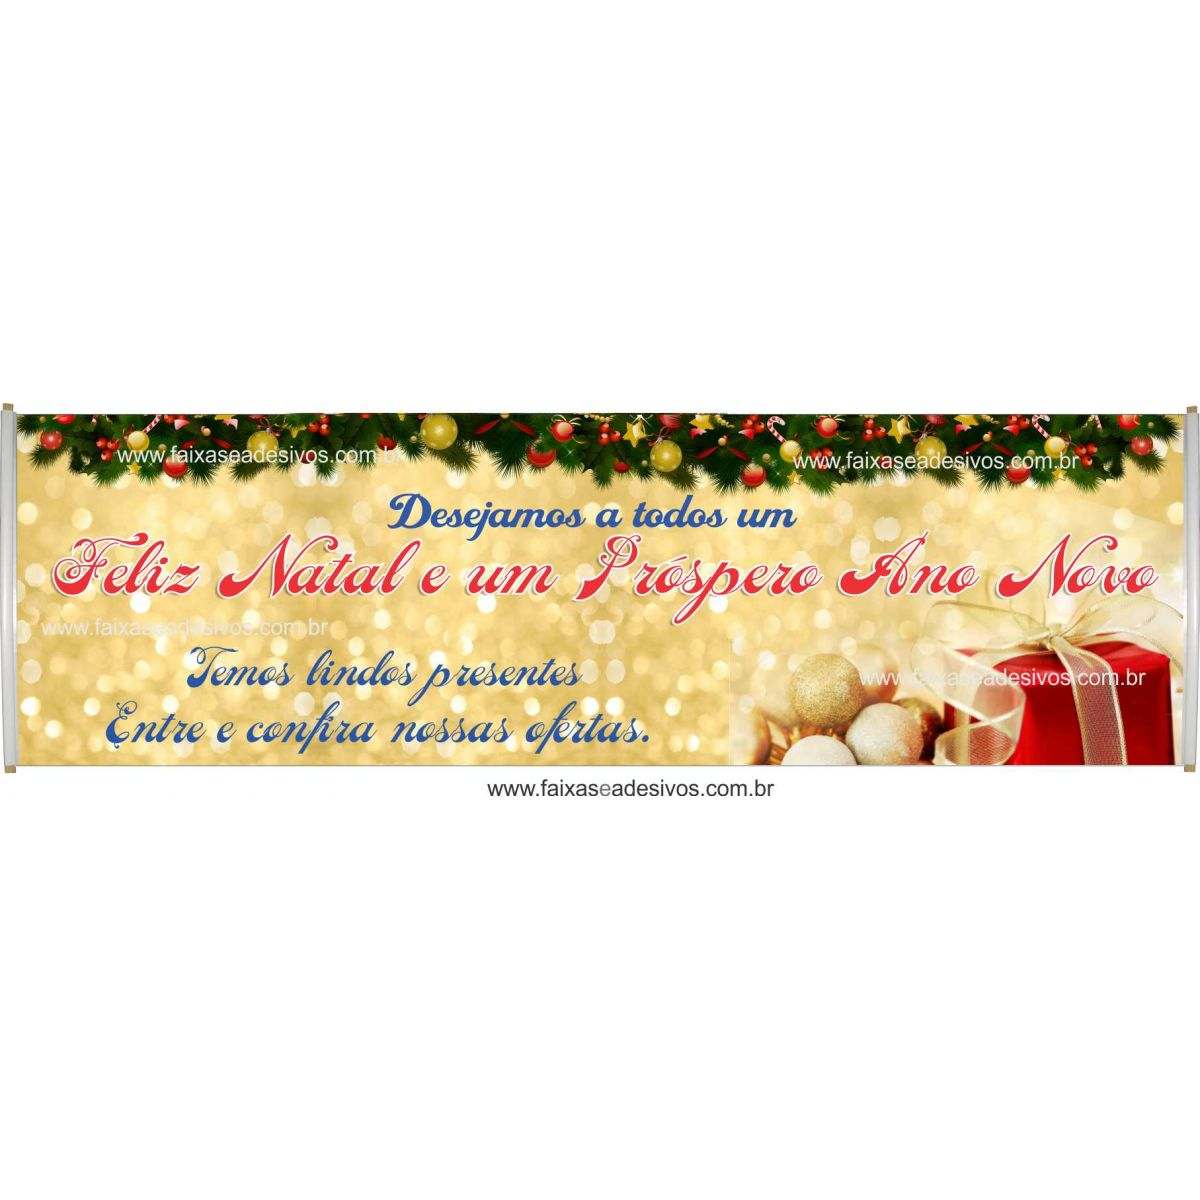 Faixa de Natal 05 - Tamanho 2,00x0,70m - fazemos com seu texto! Mensagem de Natal  - Fac Signs